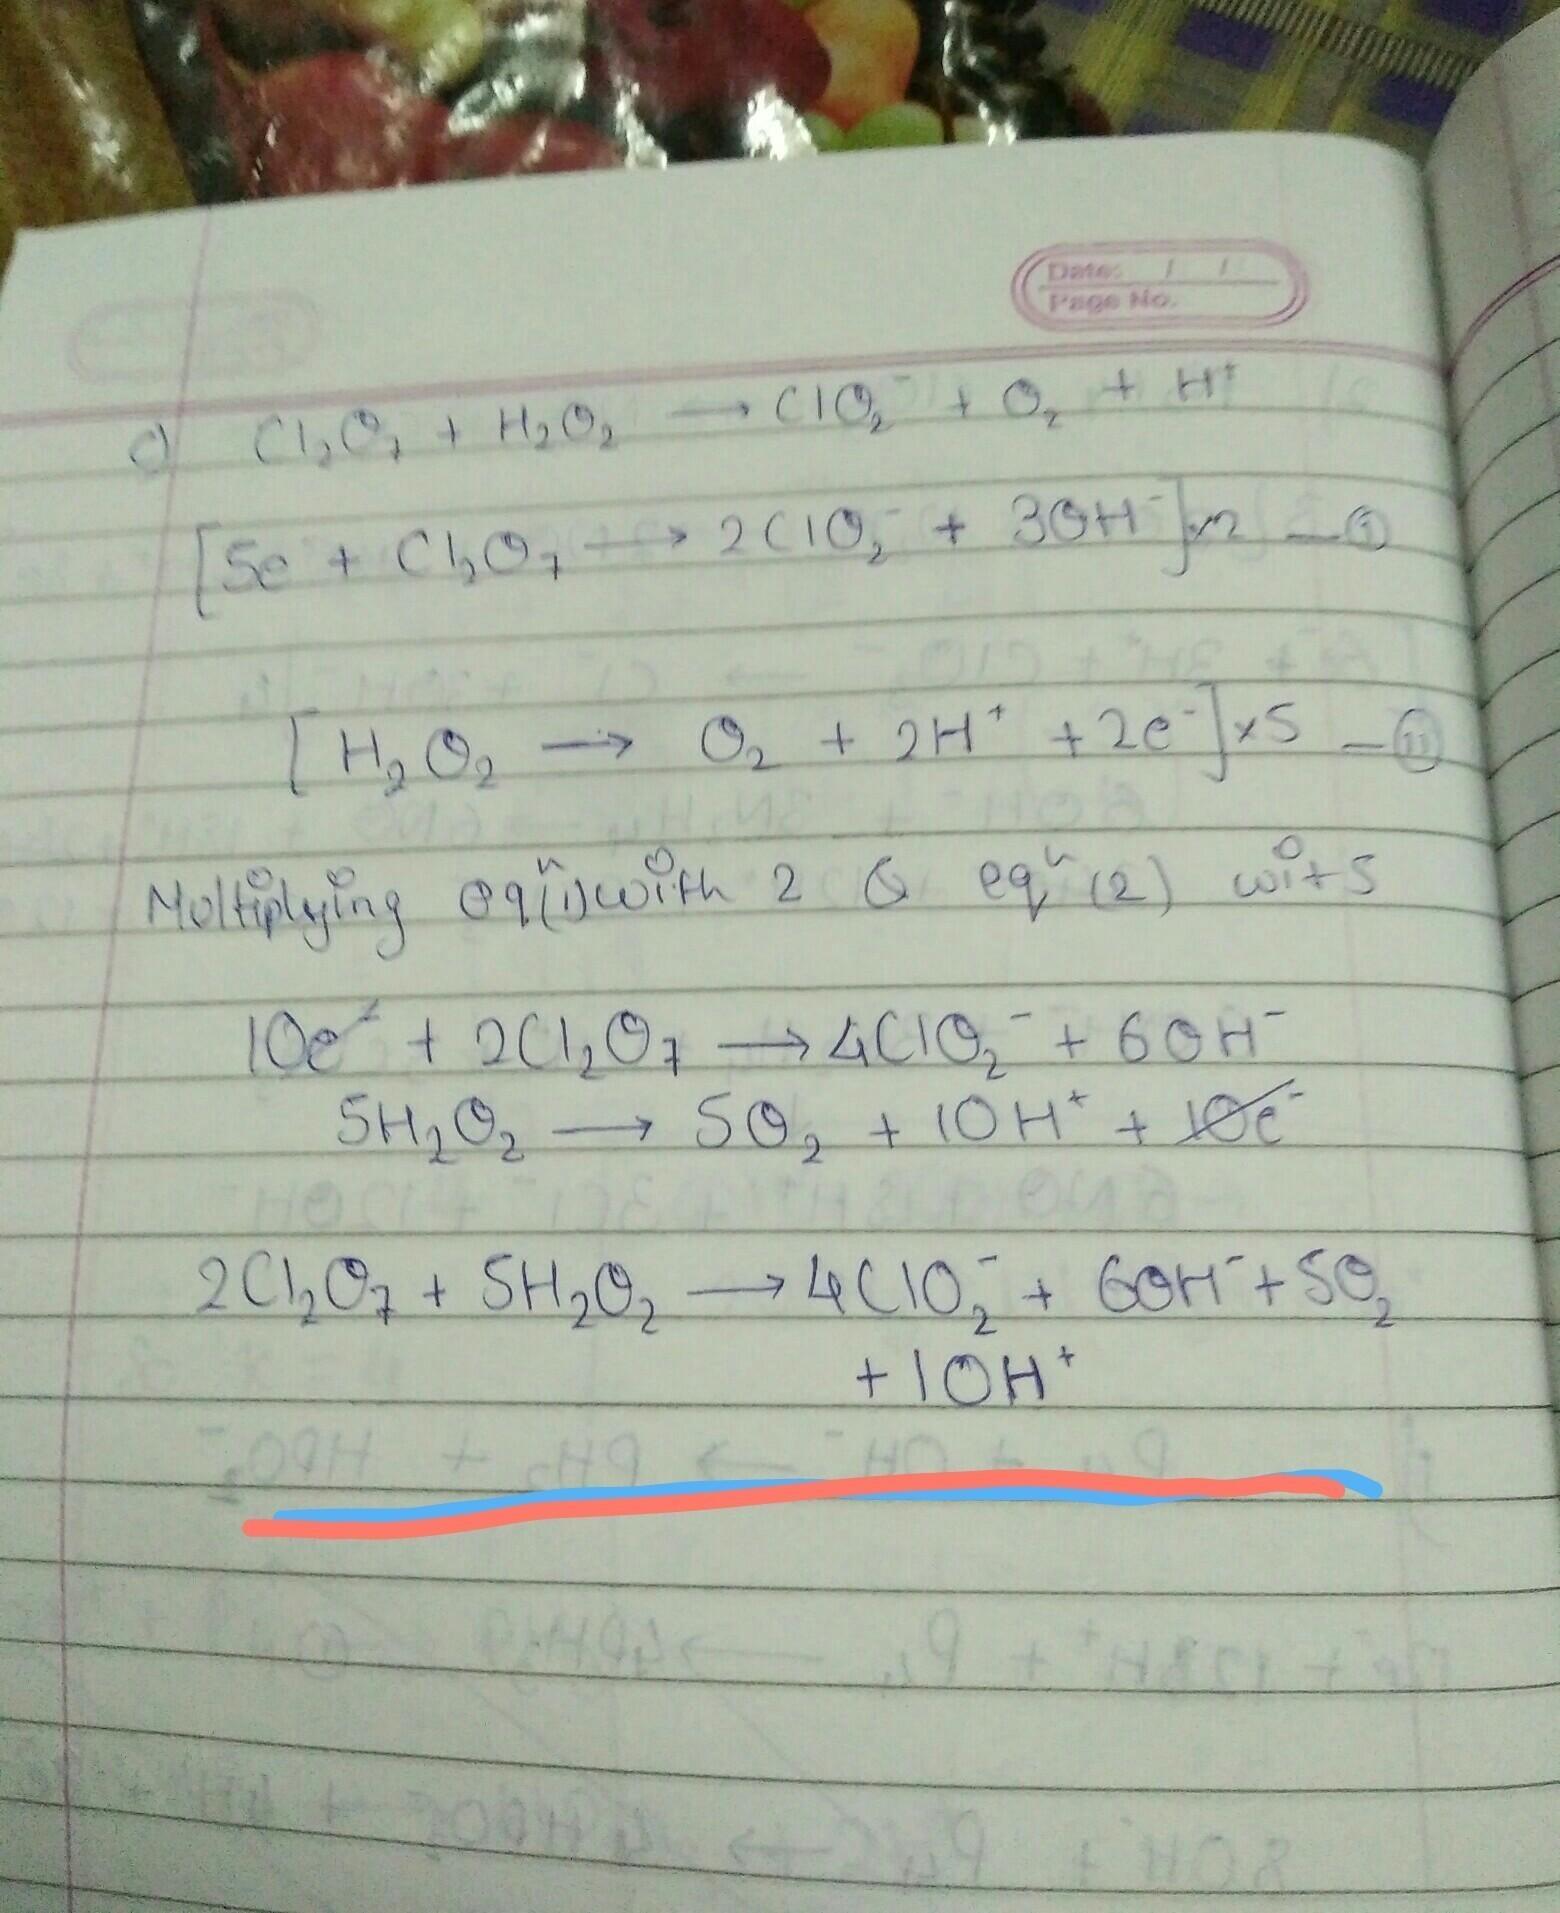 Cl2o7 H2o2 Gt Clo2 O2 H Balance The